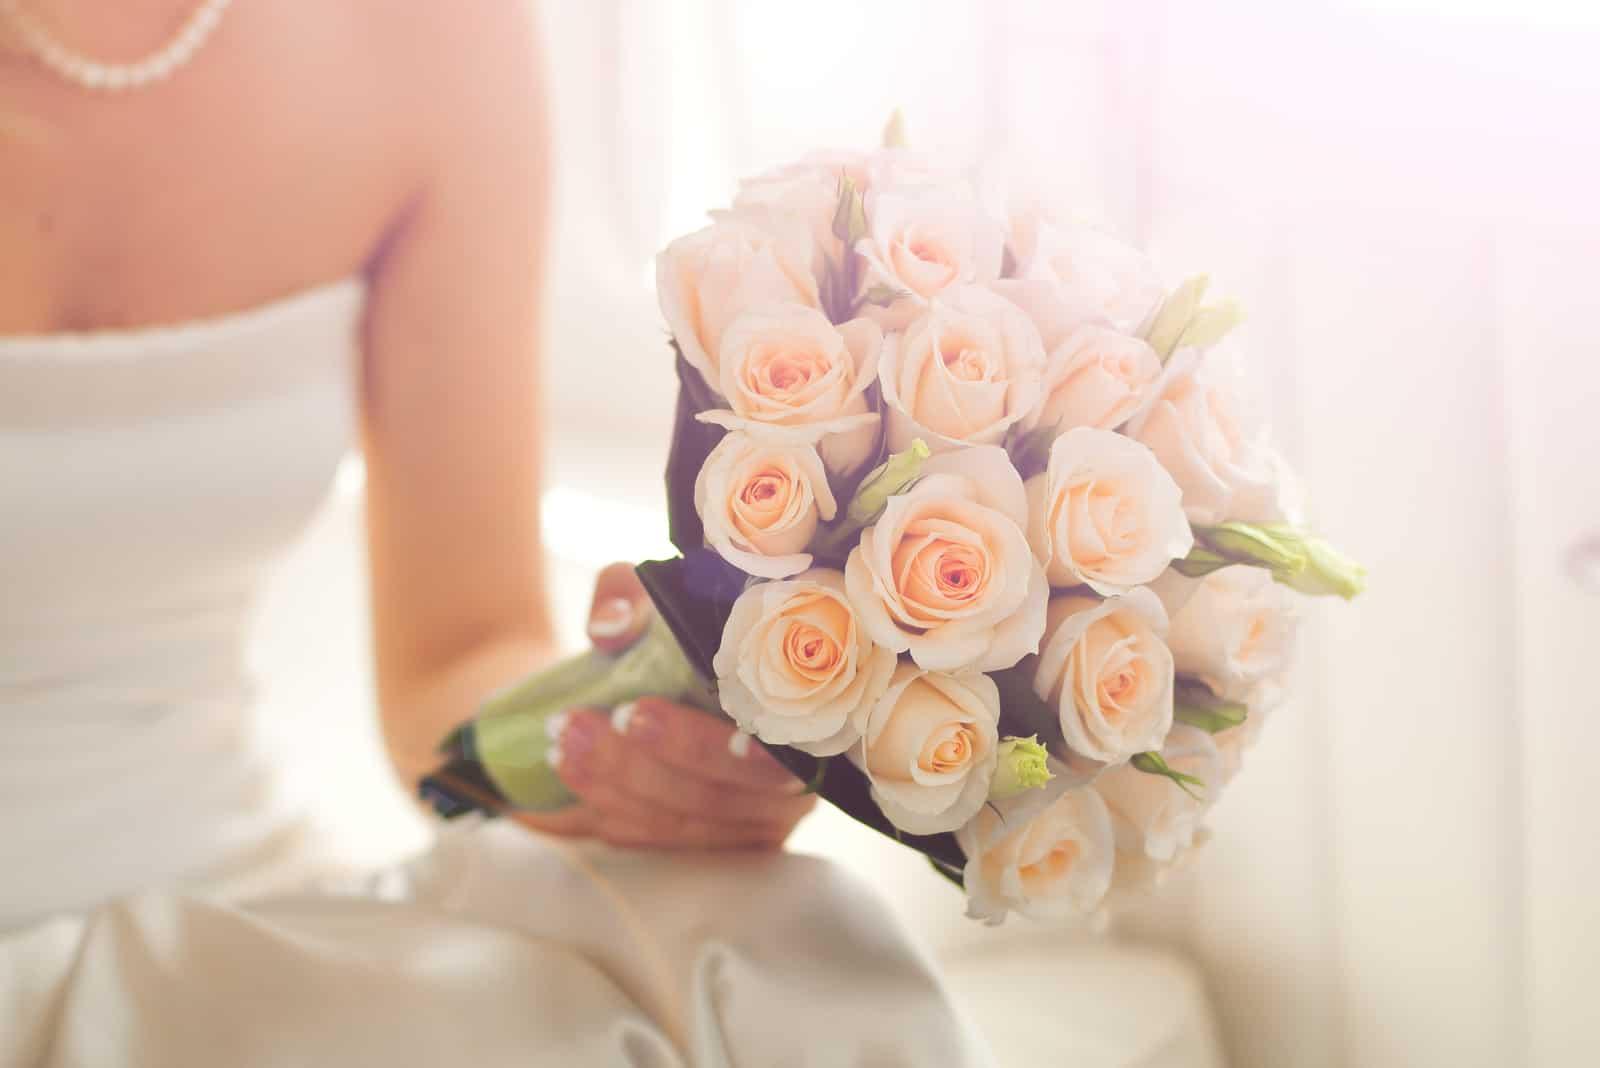 Hochzeitsstrauß von Rosen in der Hand der Braut